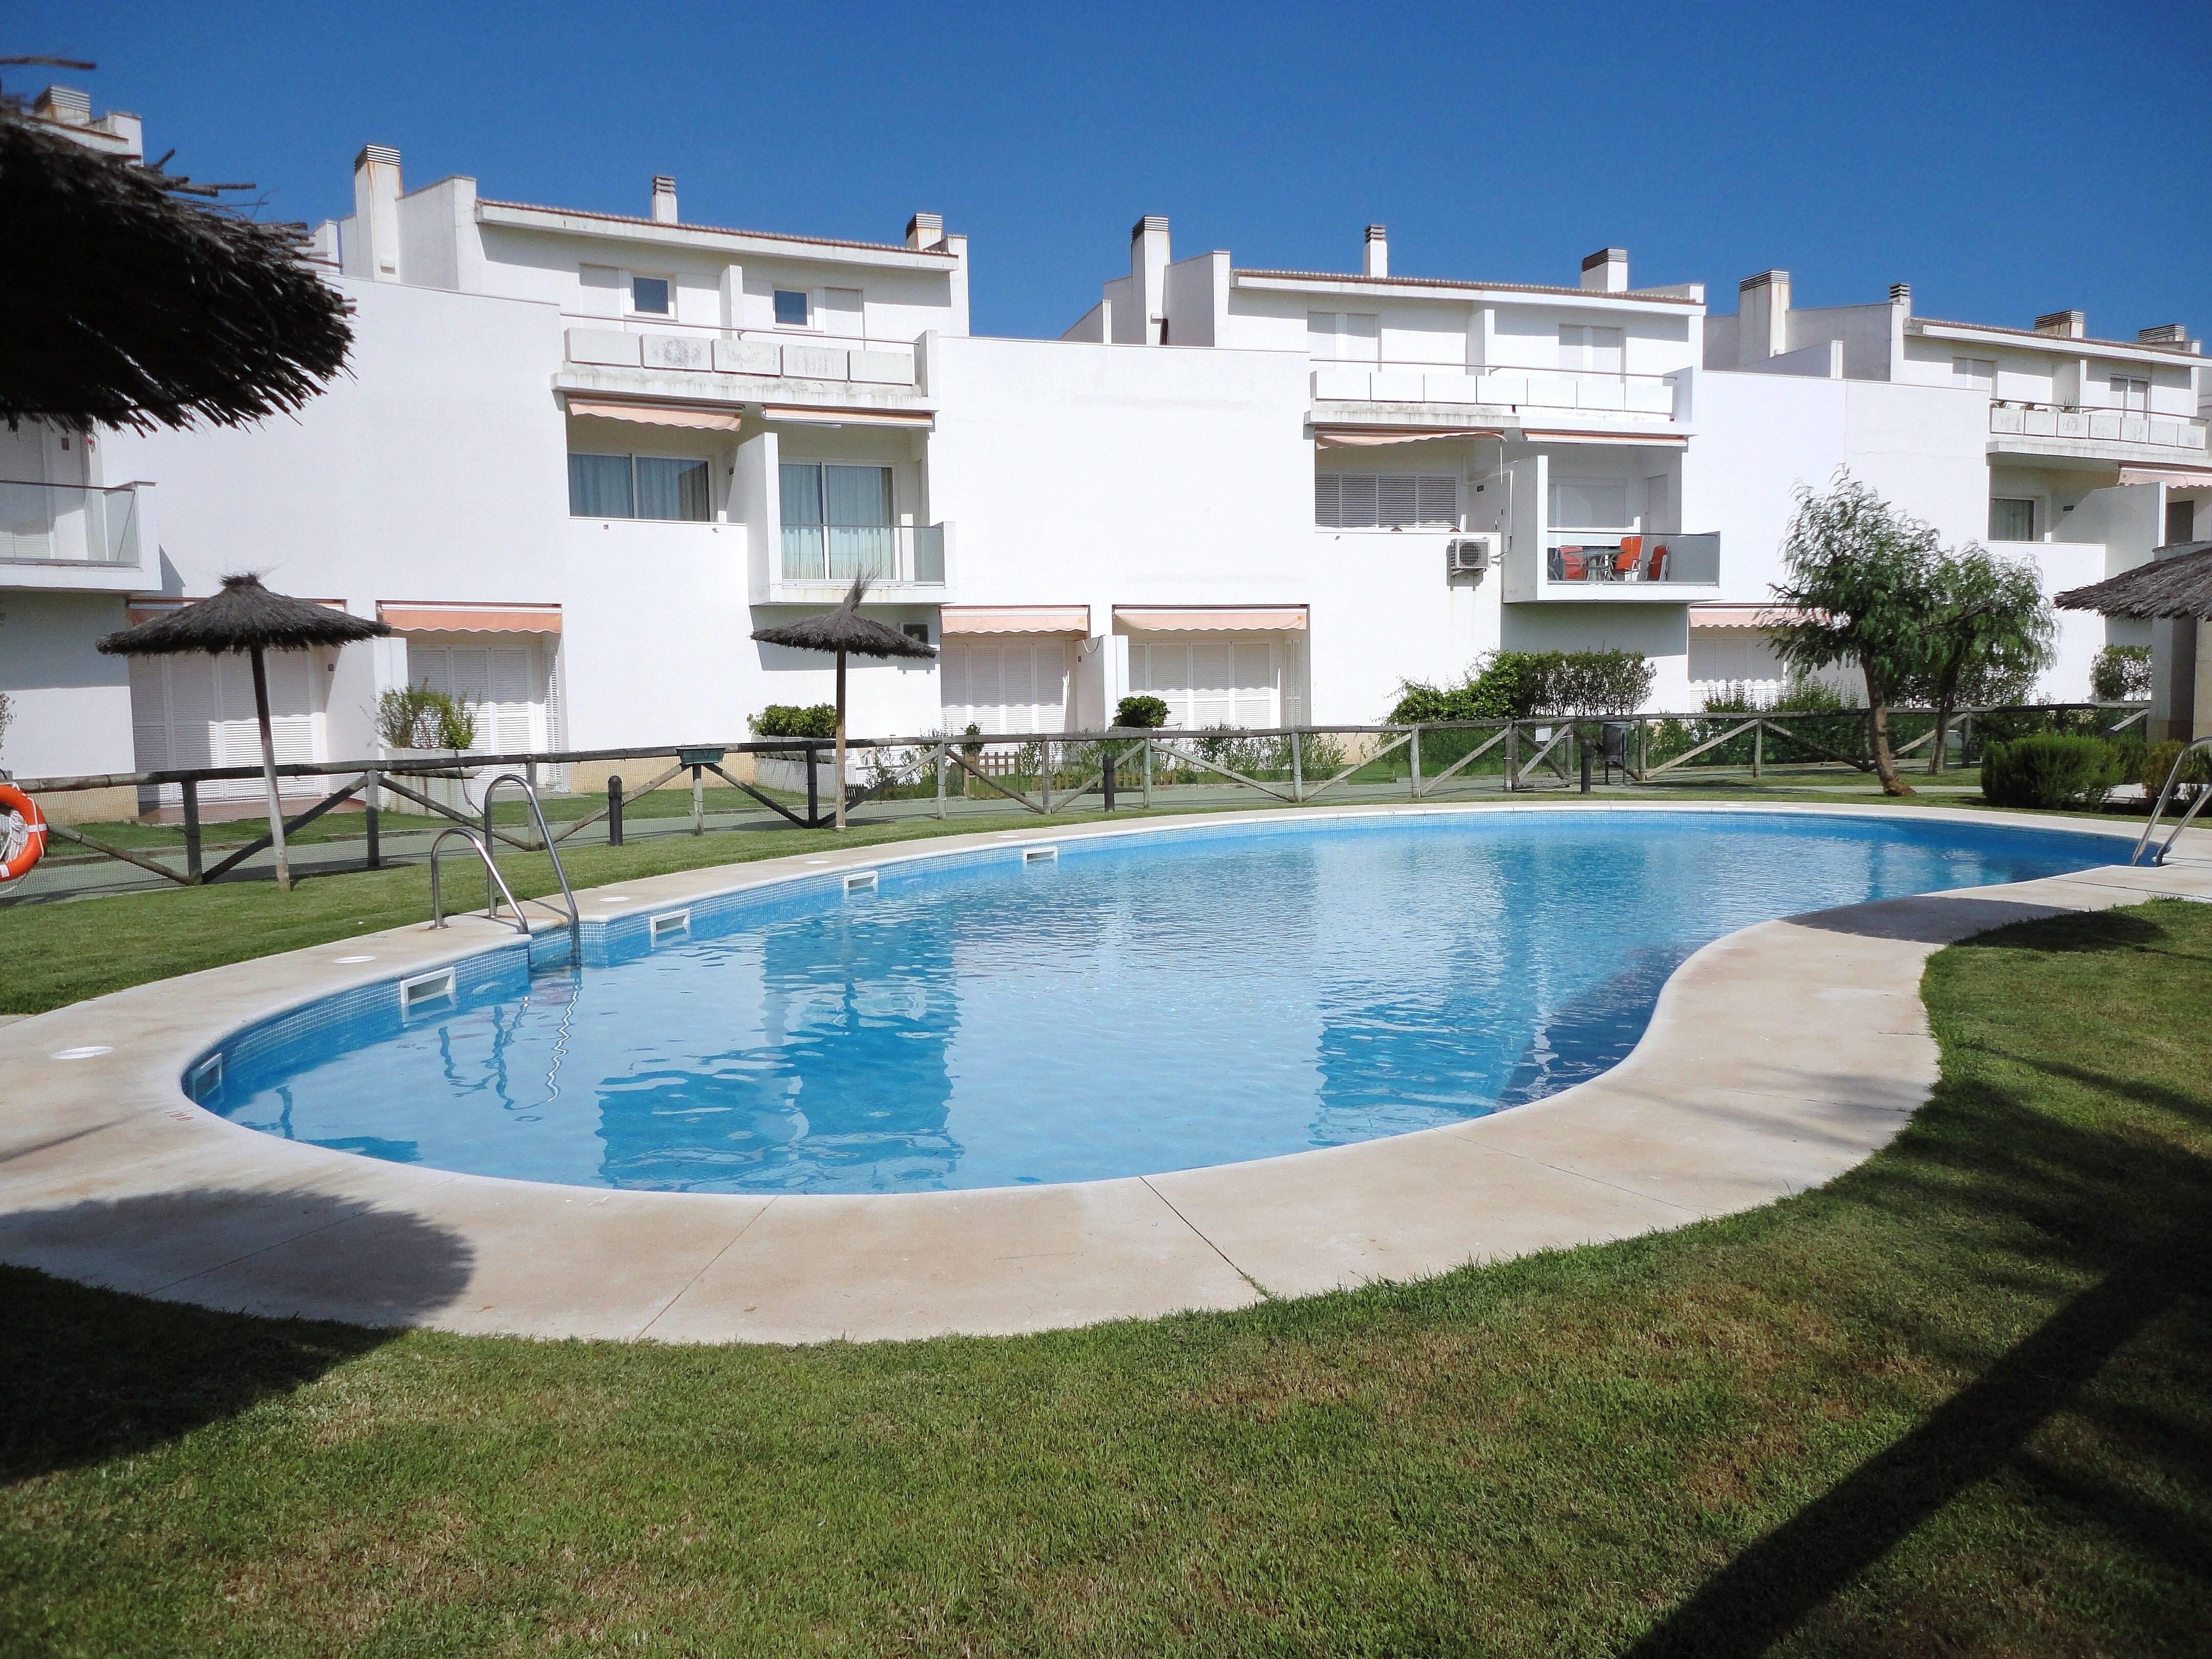 Apartamento en alquiler a 1000 m de la playa islantilla i cristina isla cristina huelva - Apartamento en islantilla playa ...